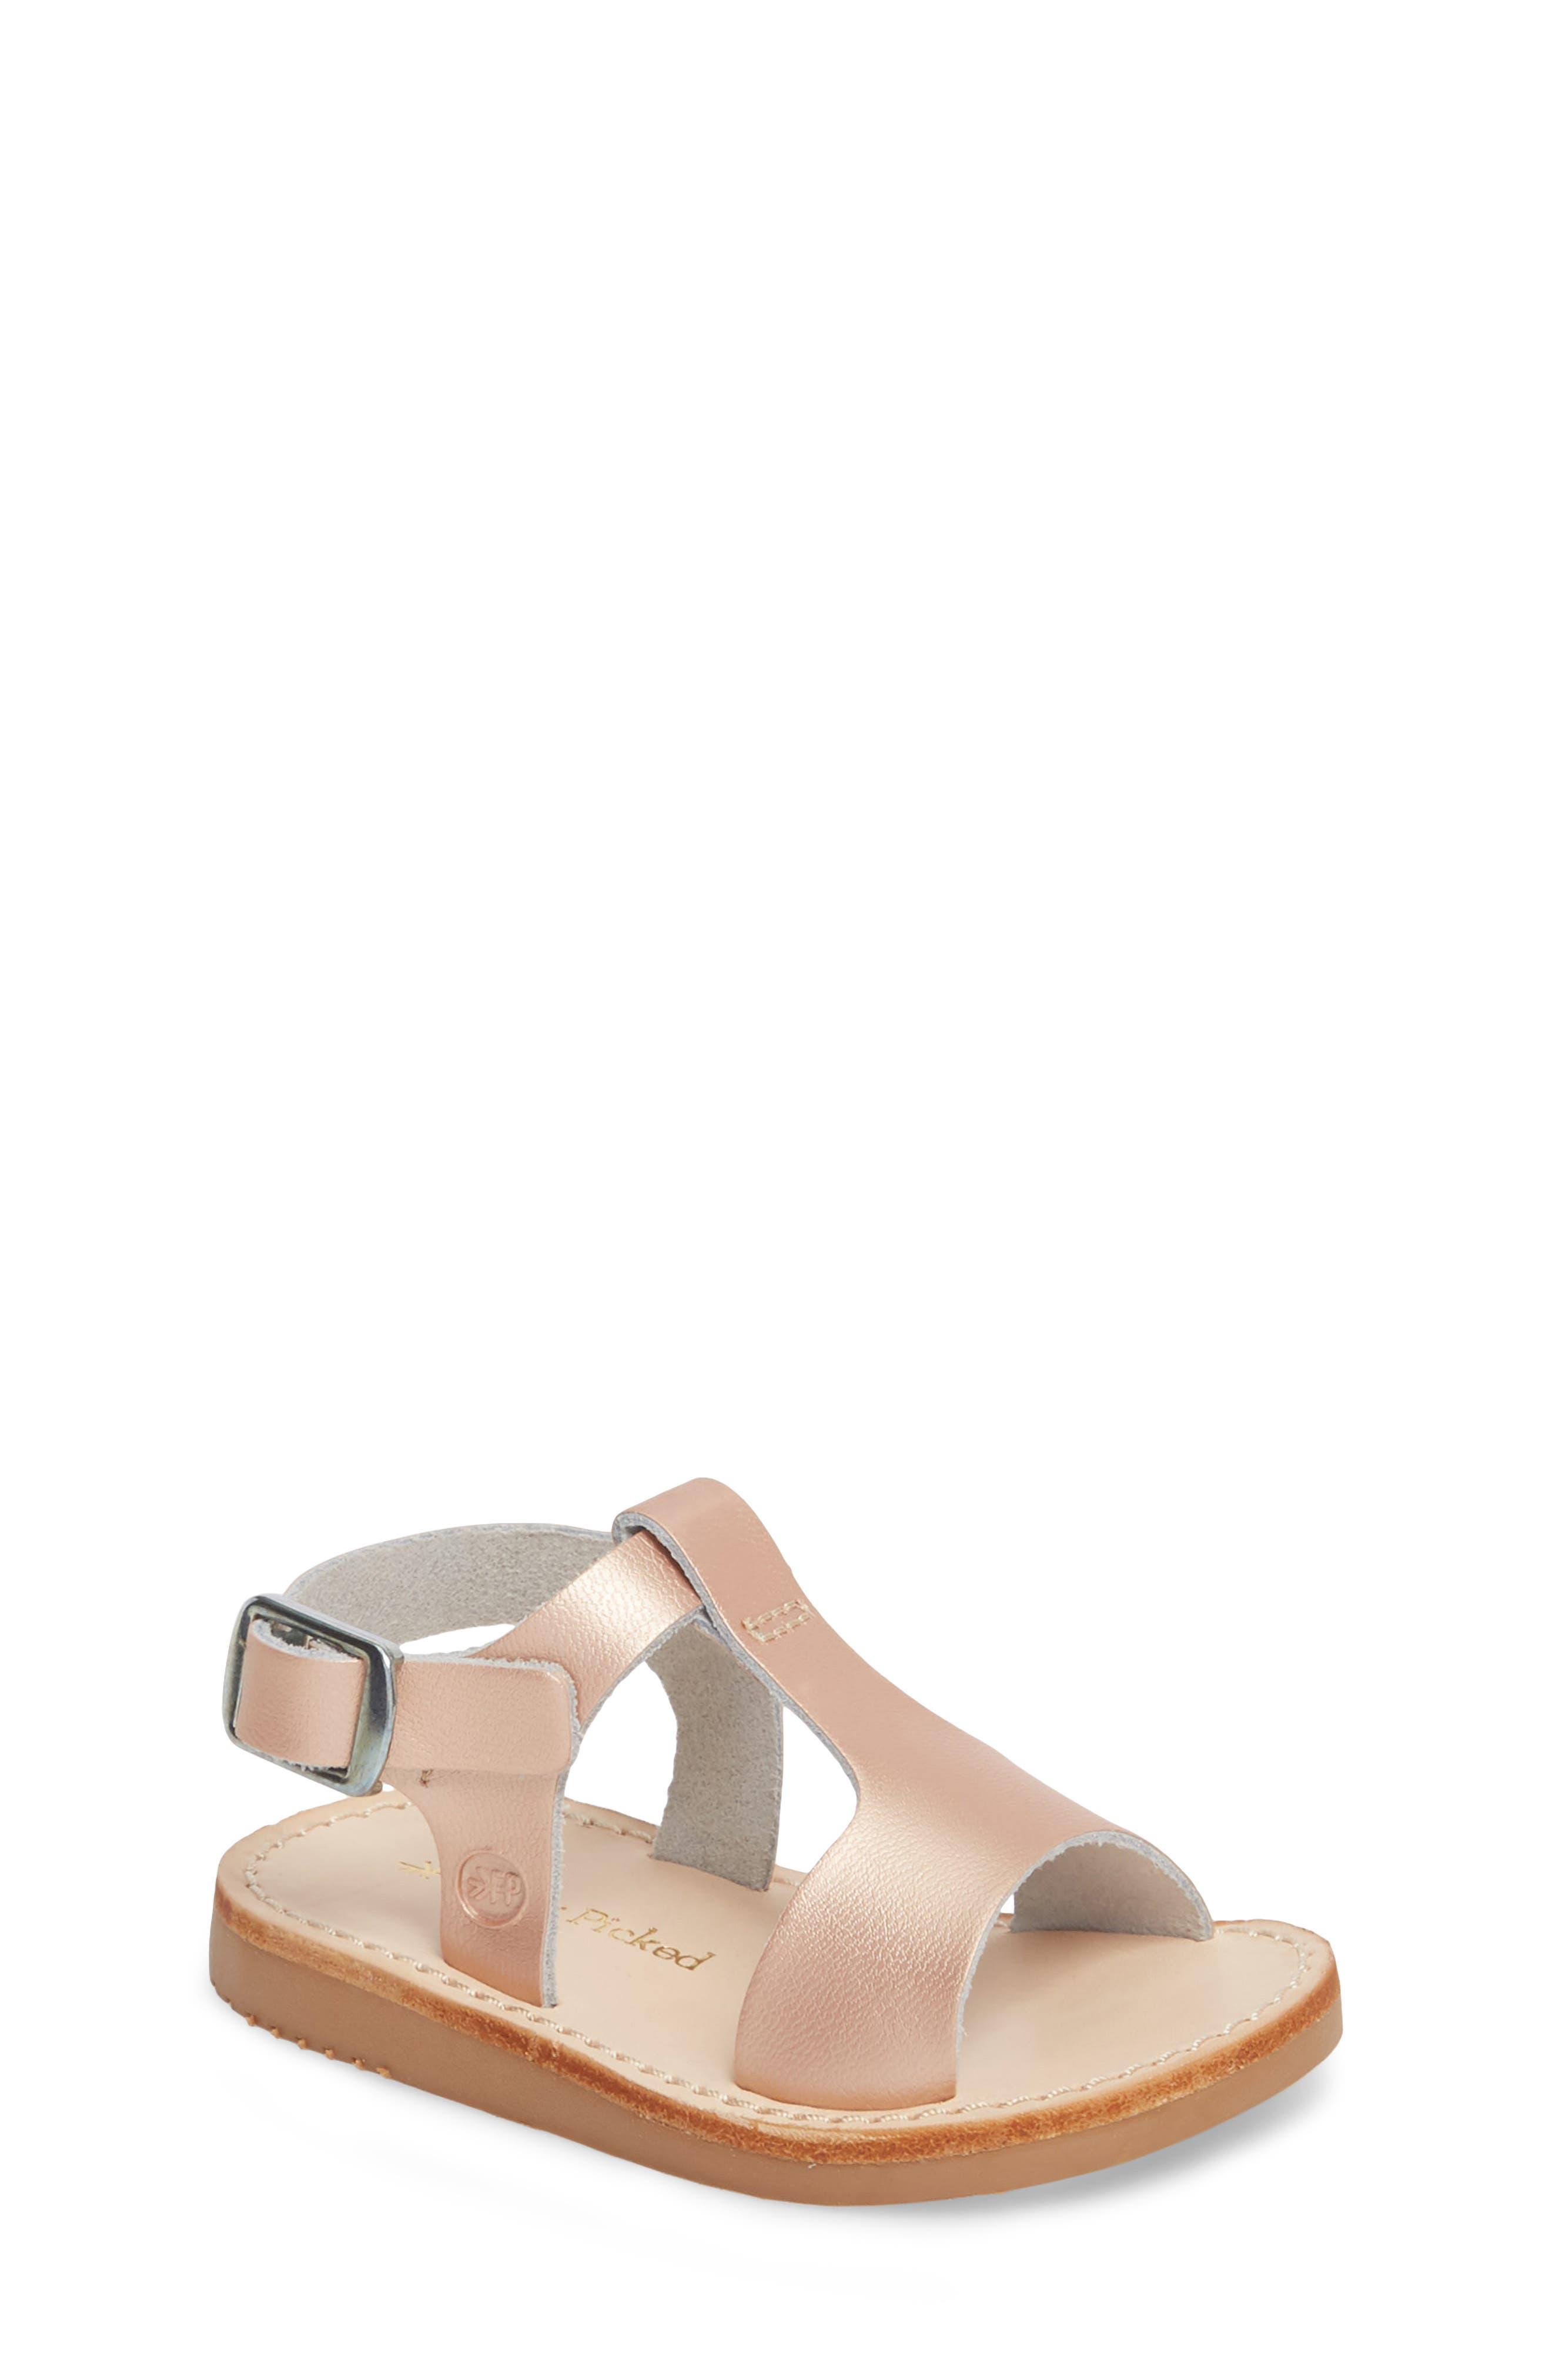 Malibu Water Resistant Sandal,                         Main,                         color, 220